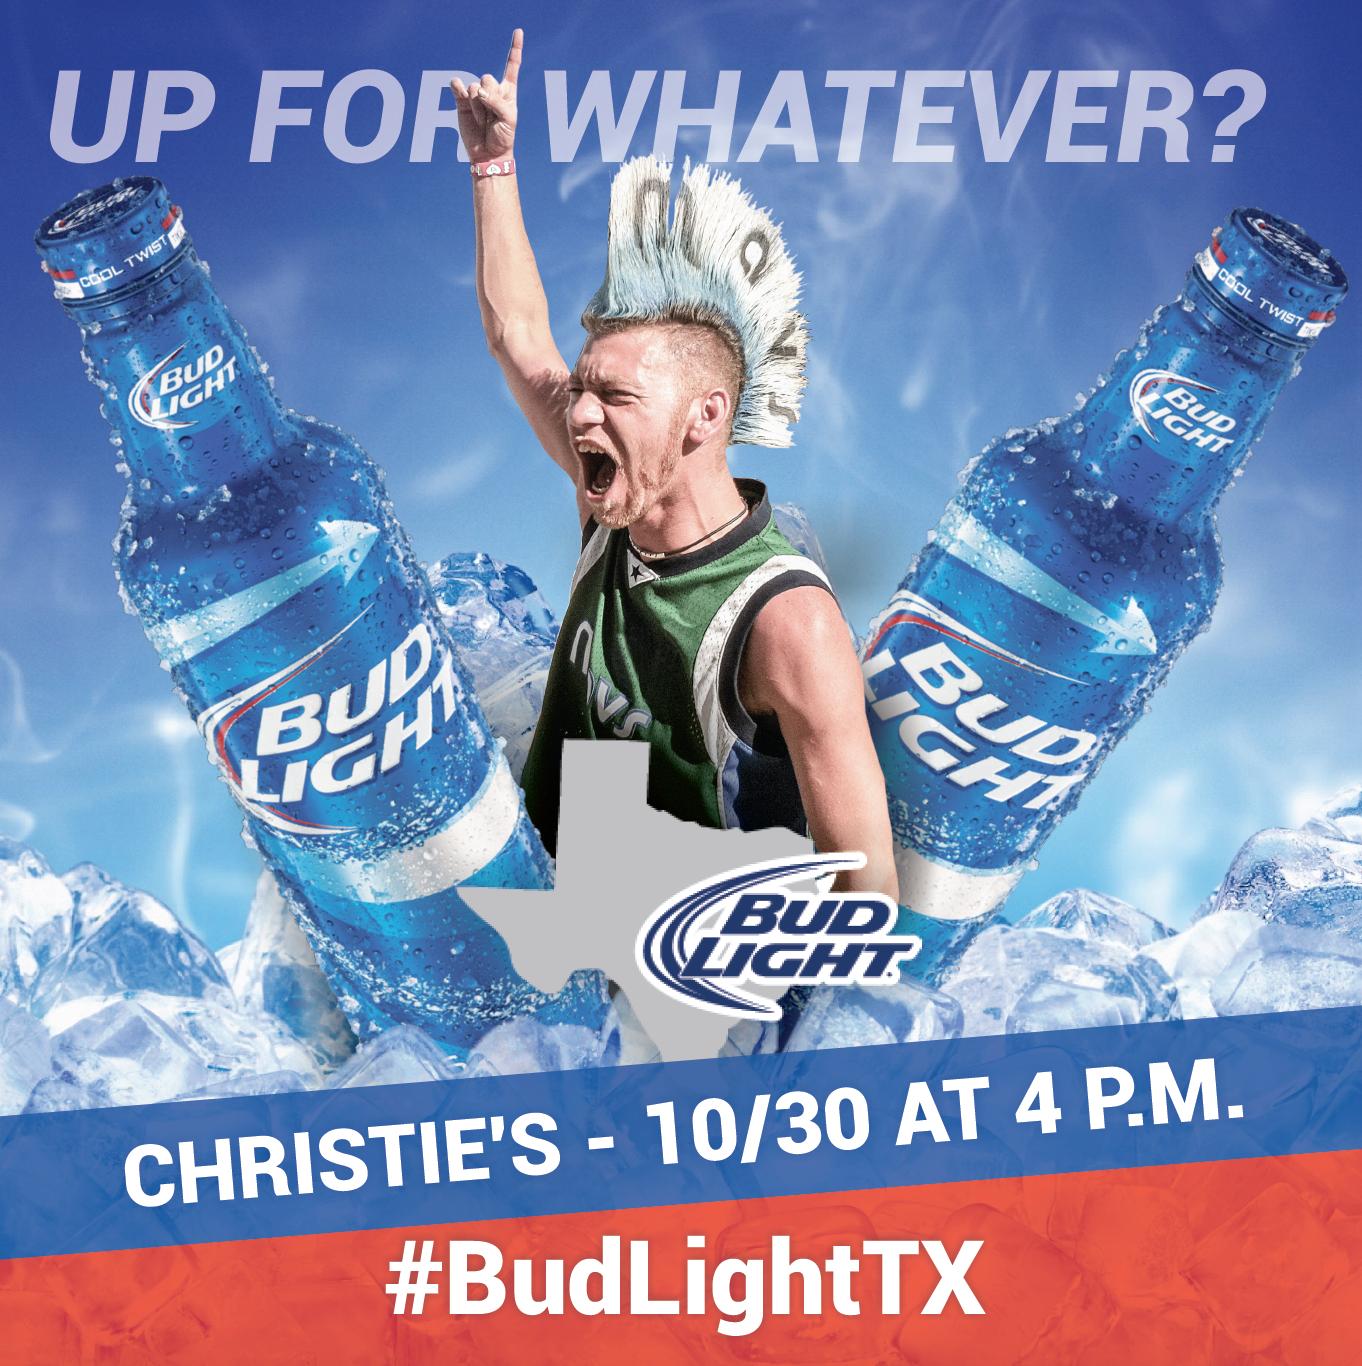 Bud Light Texas - Dallas Mavs Banner Learn More At .MergeForward.com  sc 1 st  Pinterest & Bud Light Texas - Dallas Mavs Banner Learn More At: www ... azcodes.com